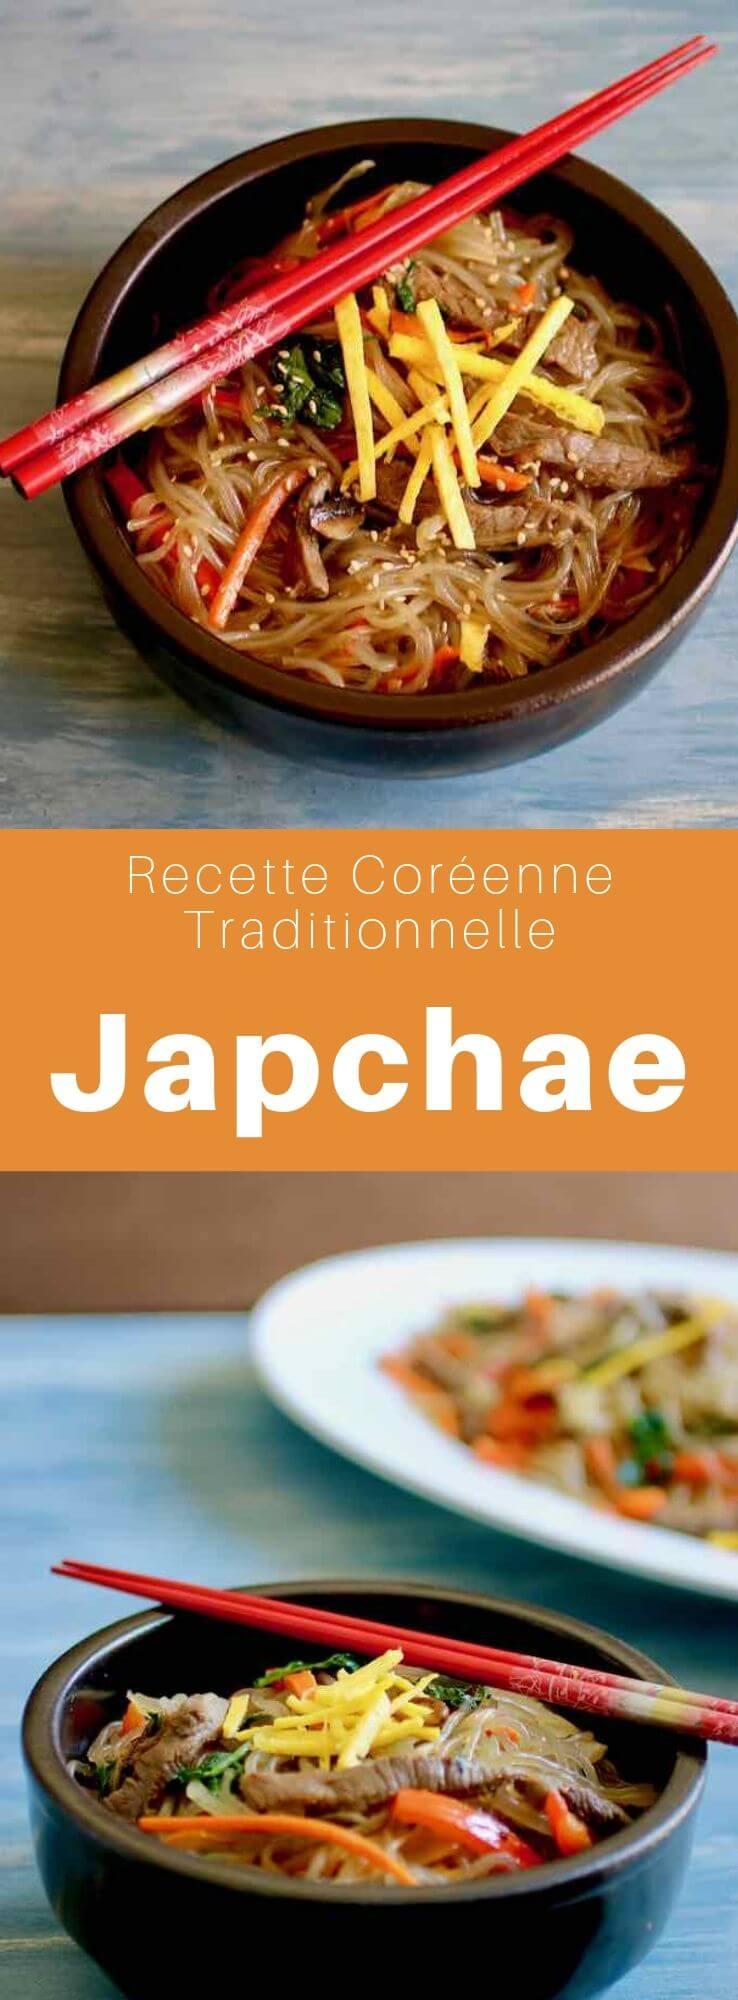 Le japchae ou chapchae (잡채) est un plat coréen très populaire composé de dangmyeon (당면), des nouilles de patates douces et de légumes, avec ou sans viande. #Coree #CoreeDuSud #CoreeDuNord #CuisineDuMonde #196flavors